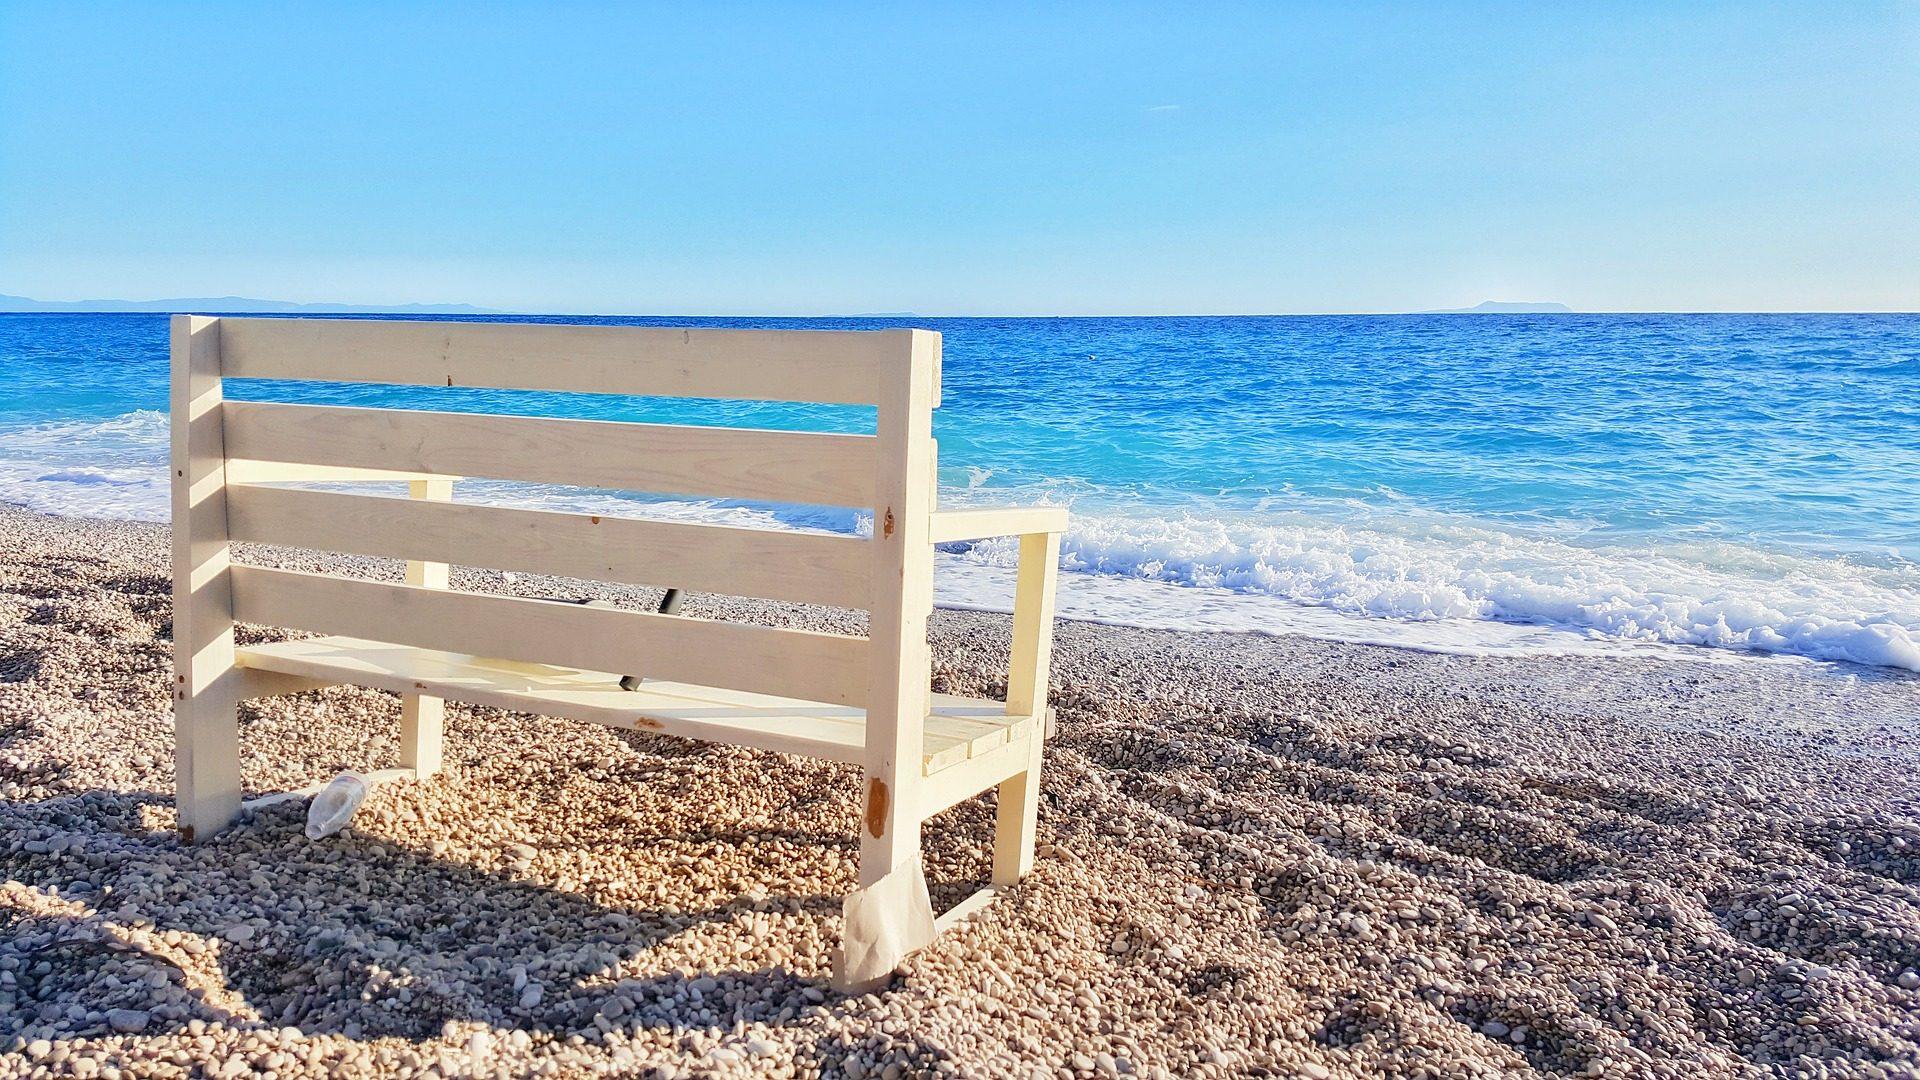 مصرف, الخشب, playa, الشاطئ, الأحجار, موجات, البحر - خلفيات عالية الدقة - أستاذ falken.com